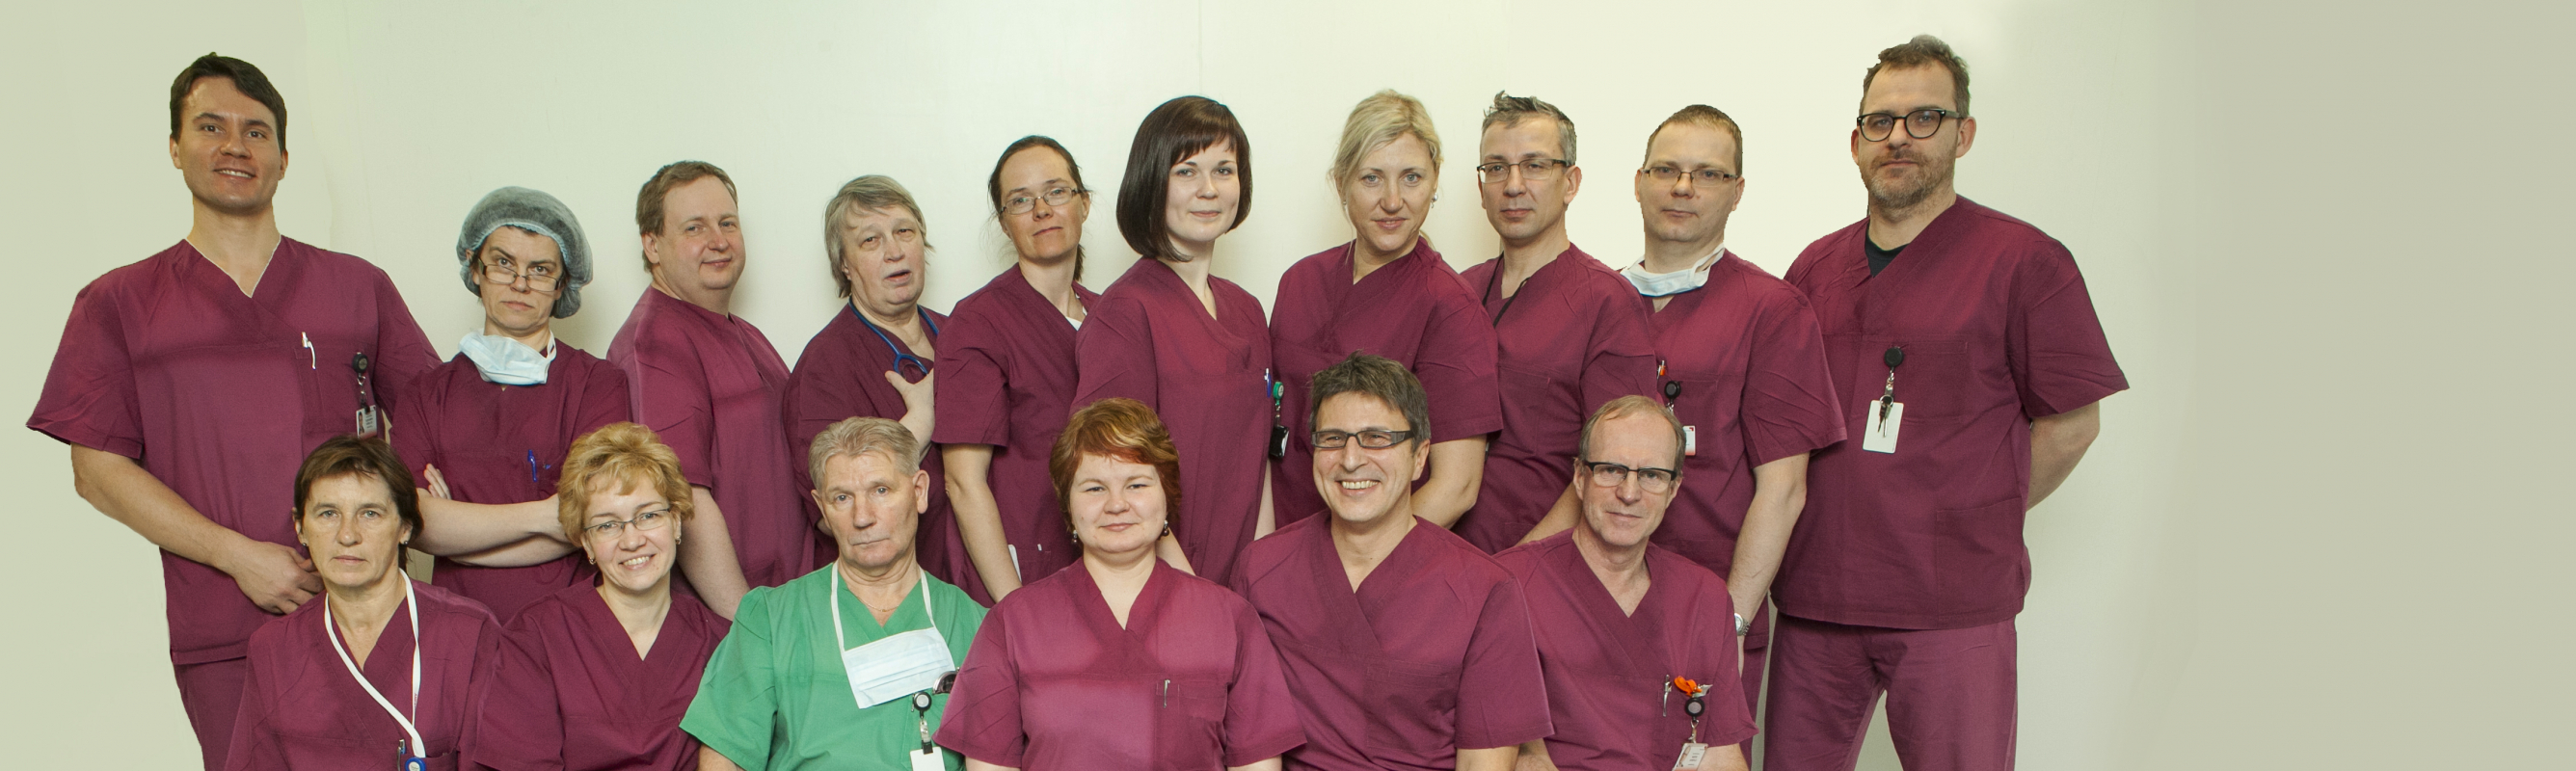 Anestesioloogide meeskond